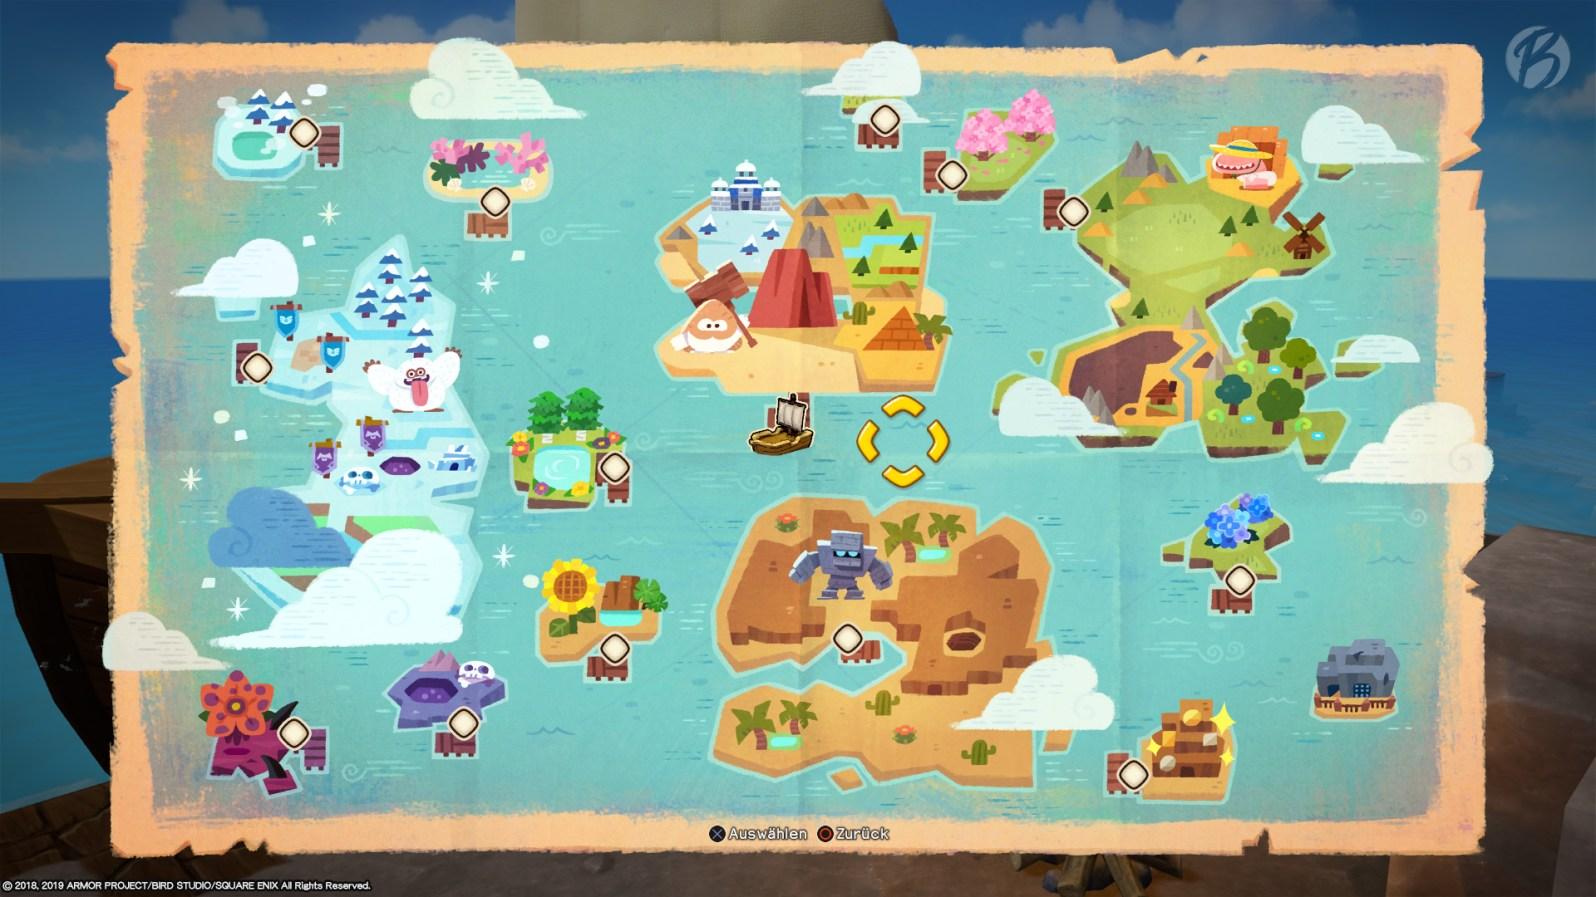 Die umfangreiche Weltkarte von Dragon Quest Builders 2 lässt erahnen, wie viel Spielzeit nötig ist, um jede Ecke zu erkunden.